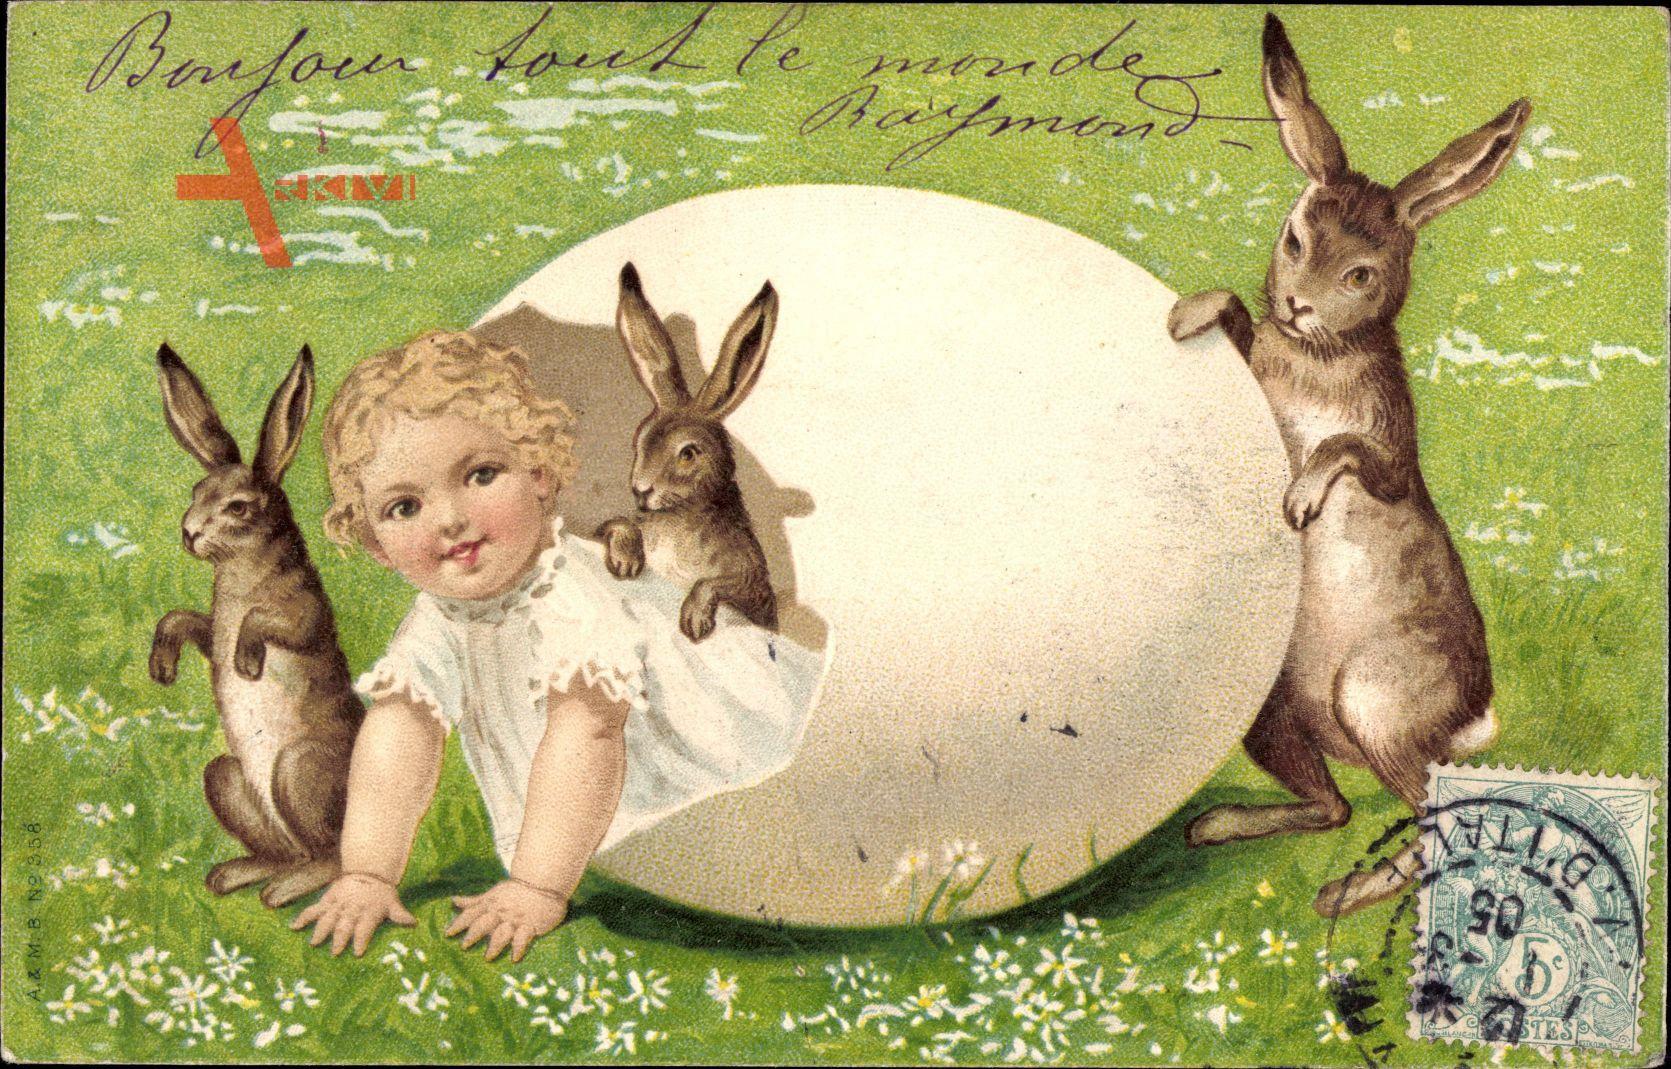 Glückwunsch Ostern, Kind schlüpft aus einem Ei, Osterhase, Eierschale